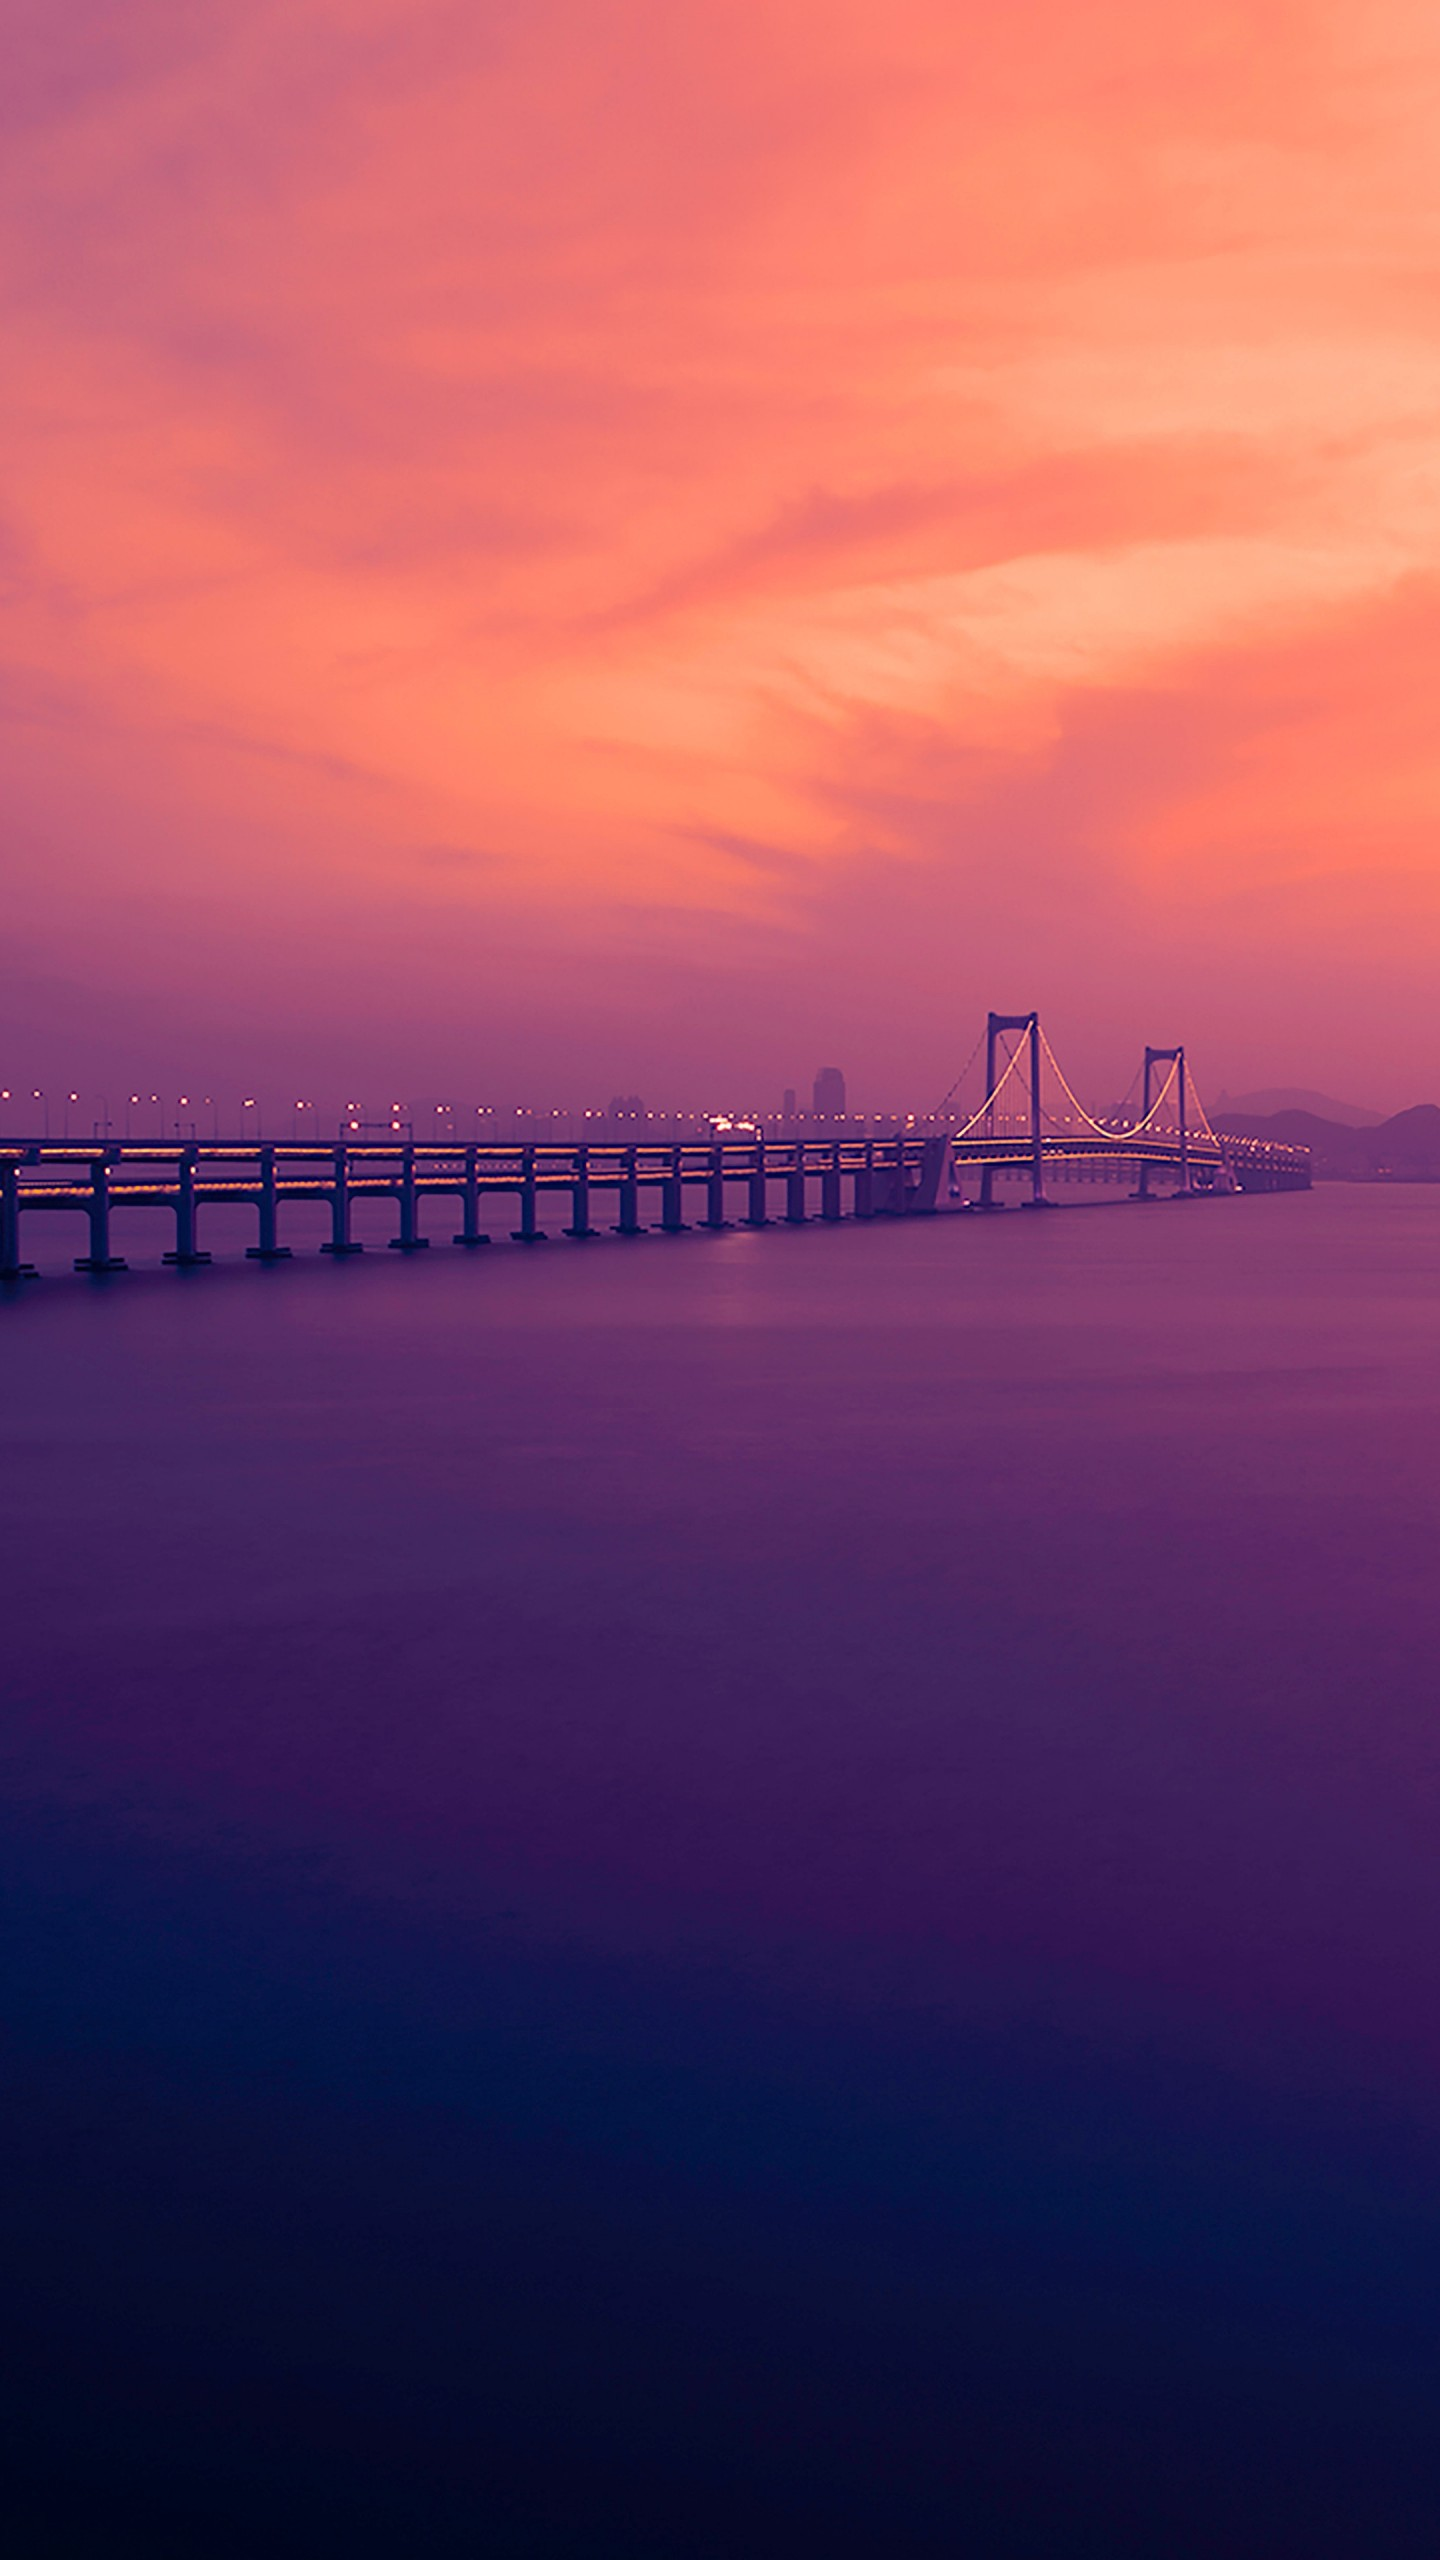 عکس زمینه گرگ و میش غروب خورشید بر روی رودخانه دالیان چین پس زمینه